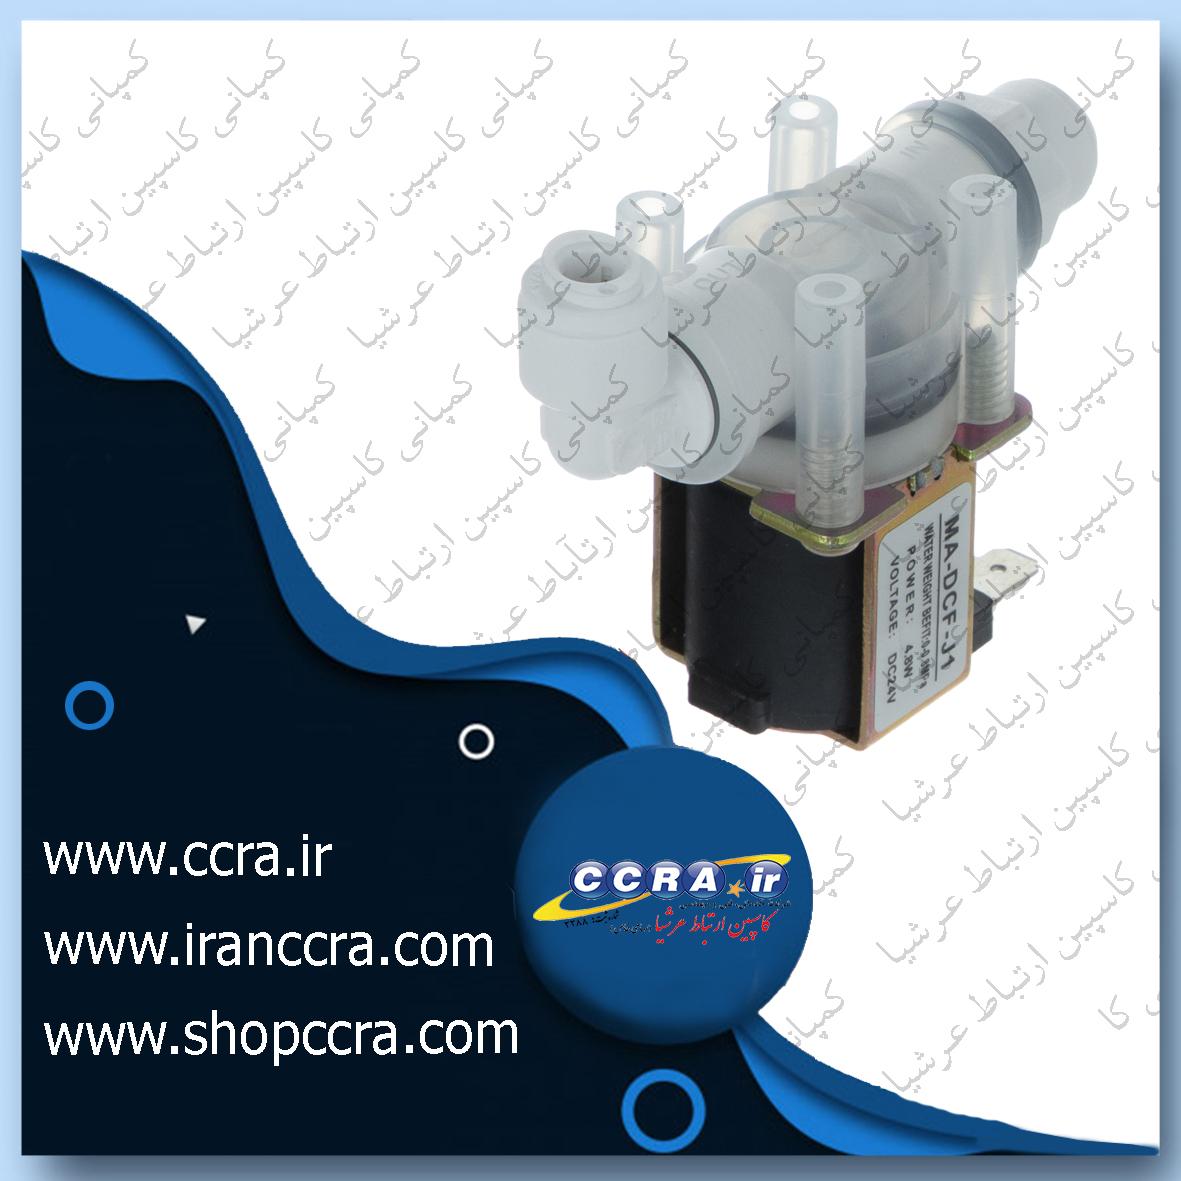 کاربرد شیر برقی دستگاه تصفیه آب خانگی آکوا لایف